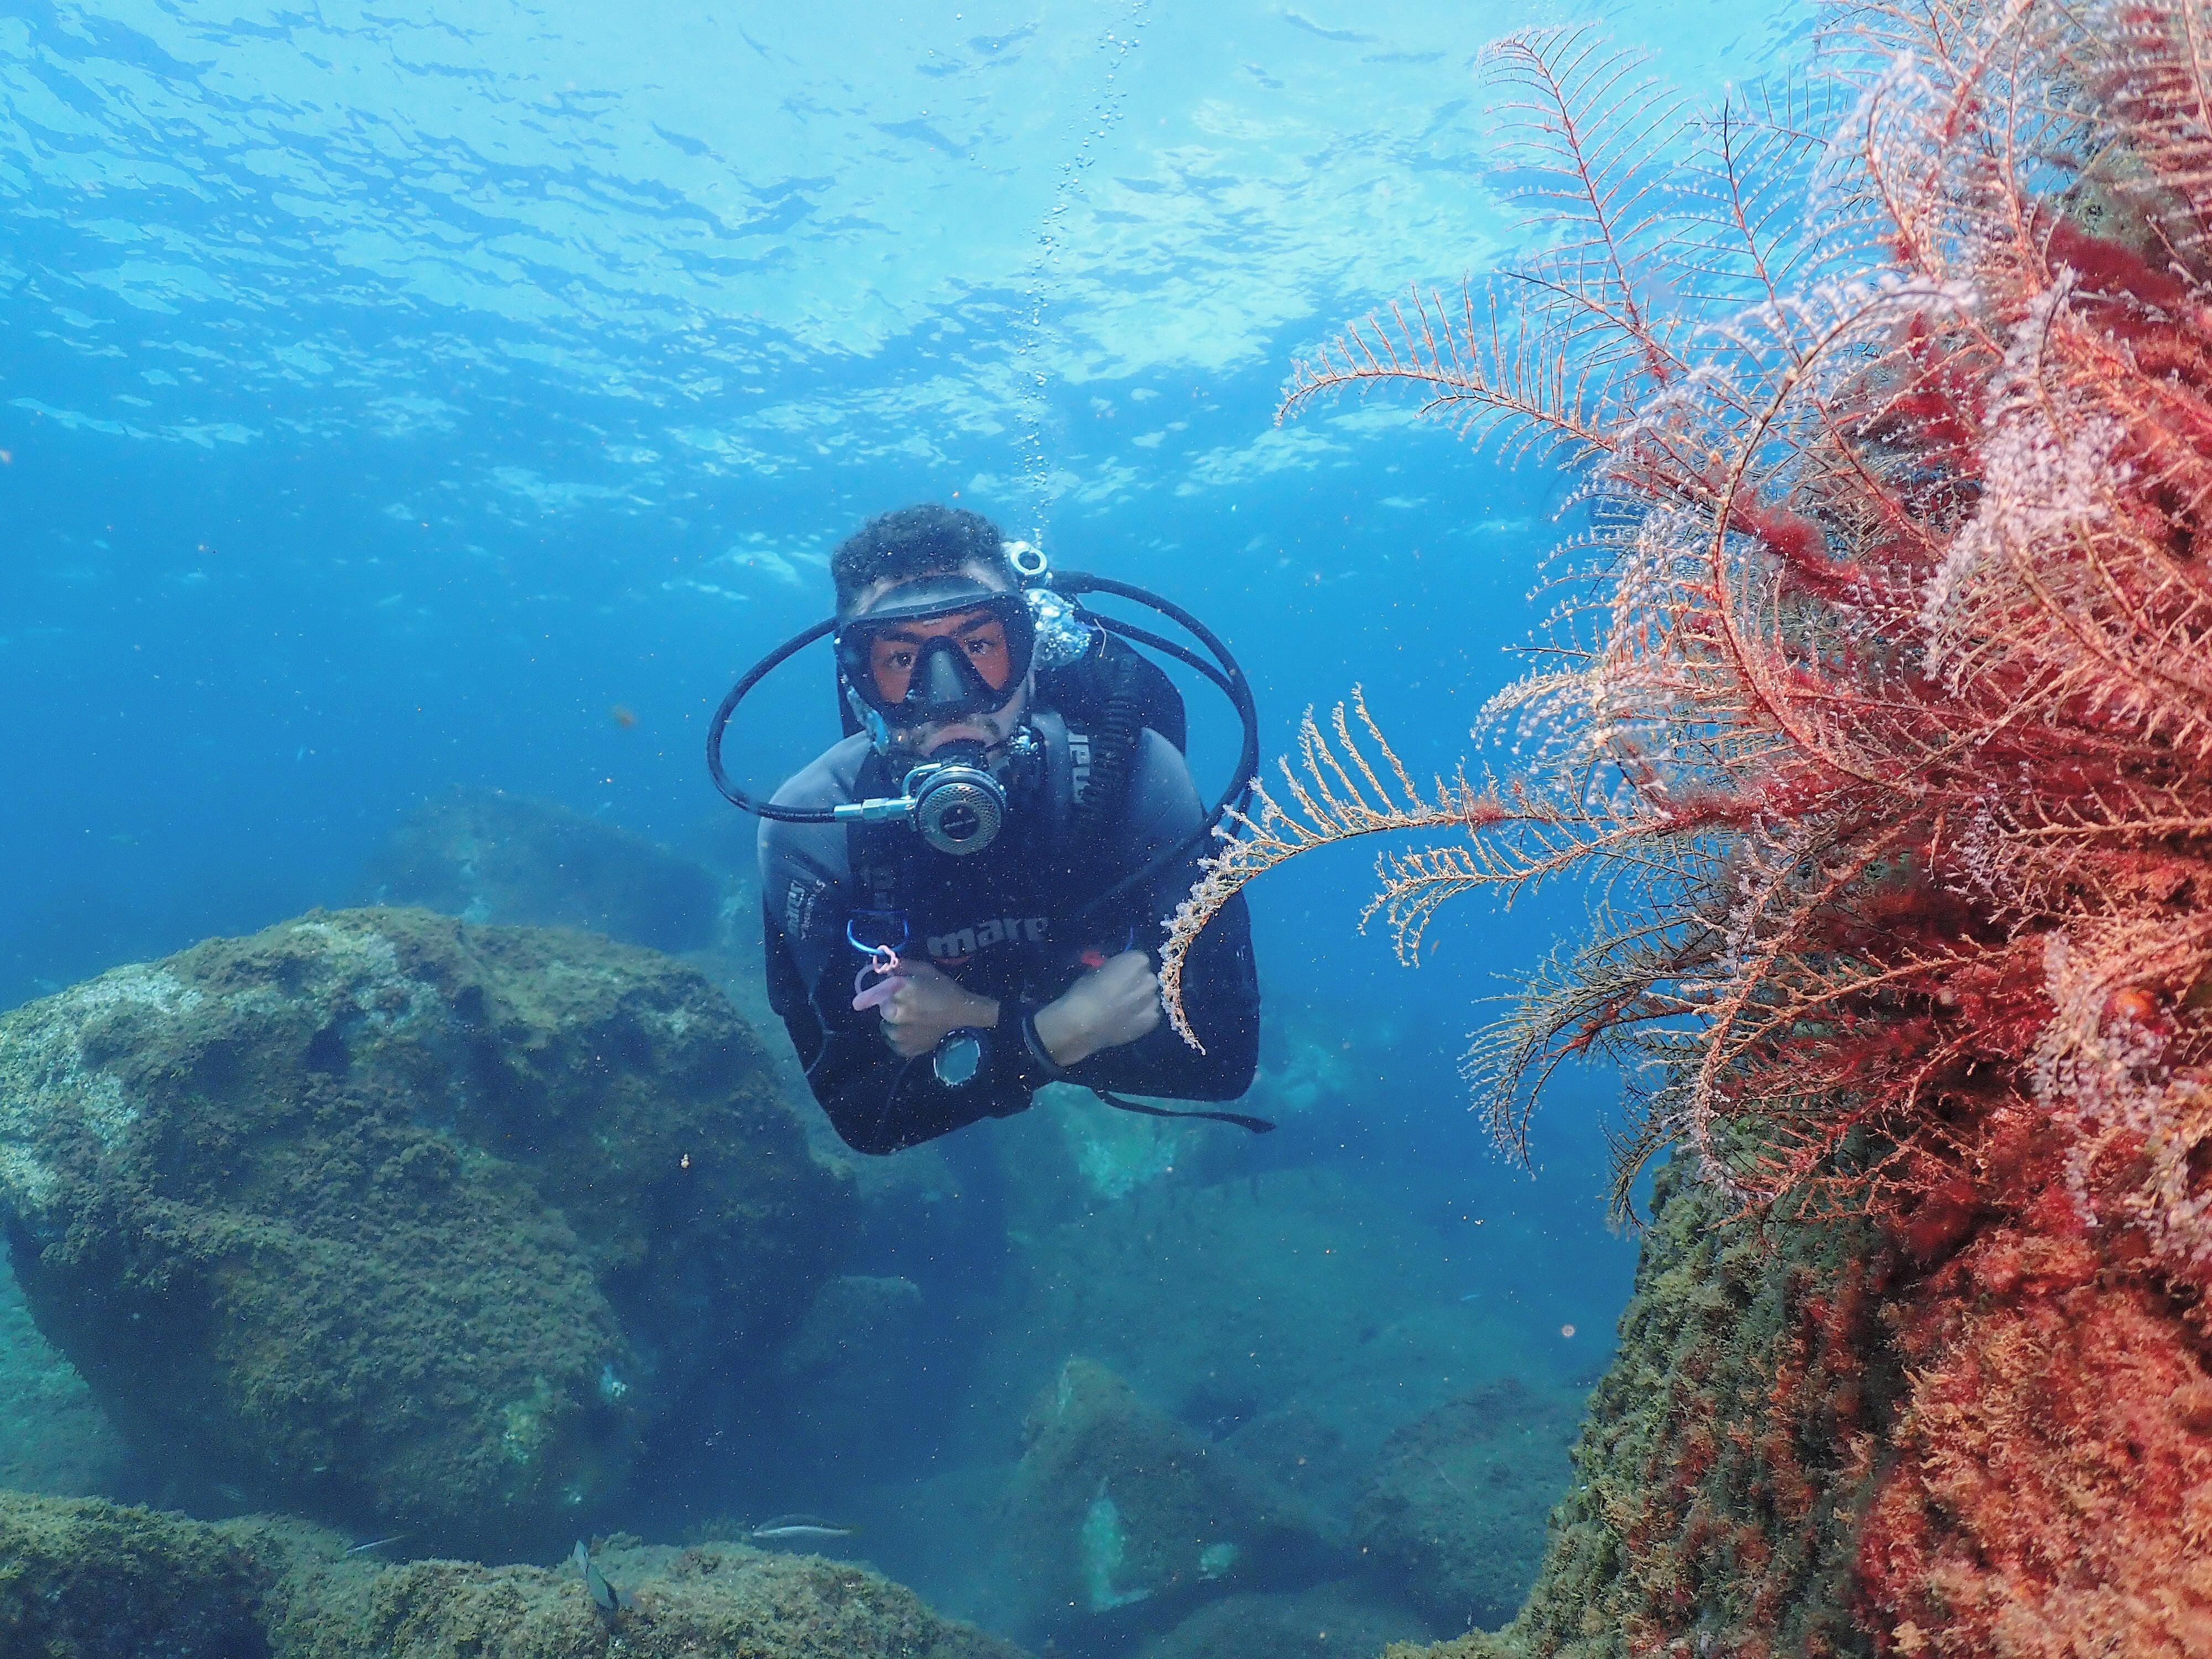 Descubre el mundo subacuático mediante el buceo - Oscar Cobo Traver, instructor de buceo en Barcelona.